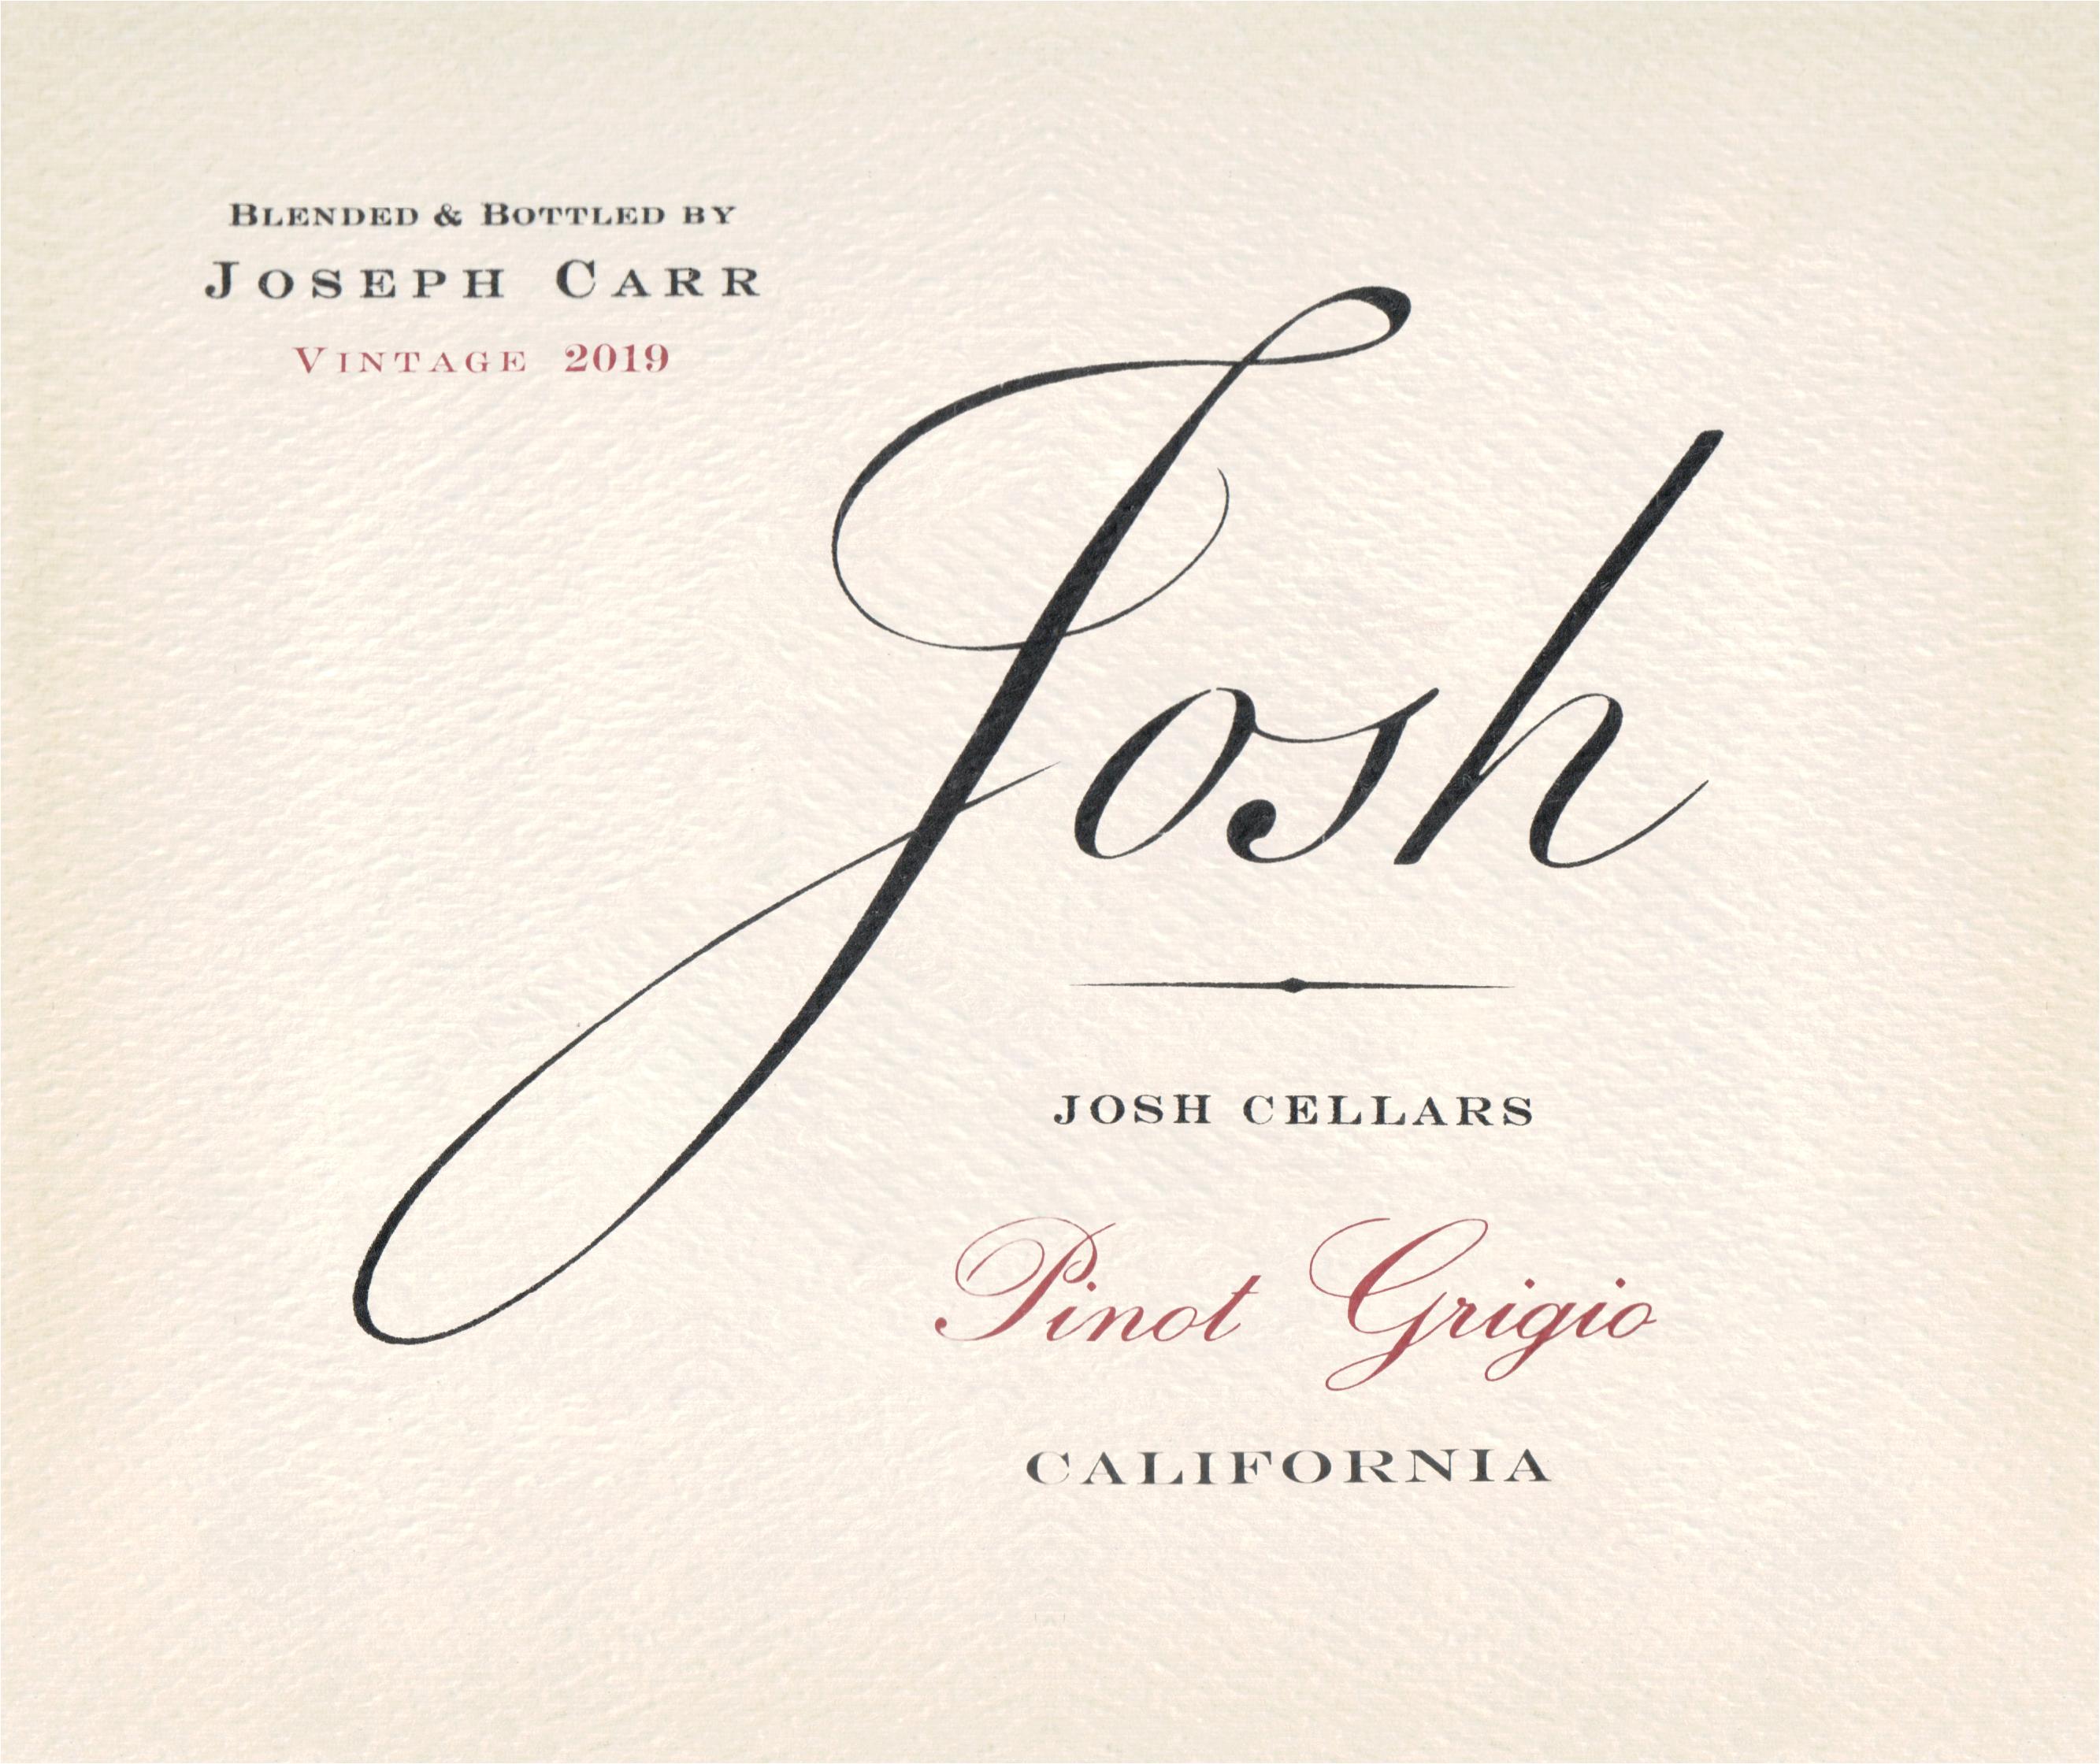 Josh Cellars Pinot Grigio 2019